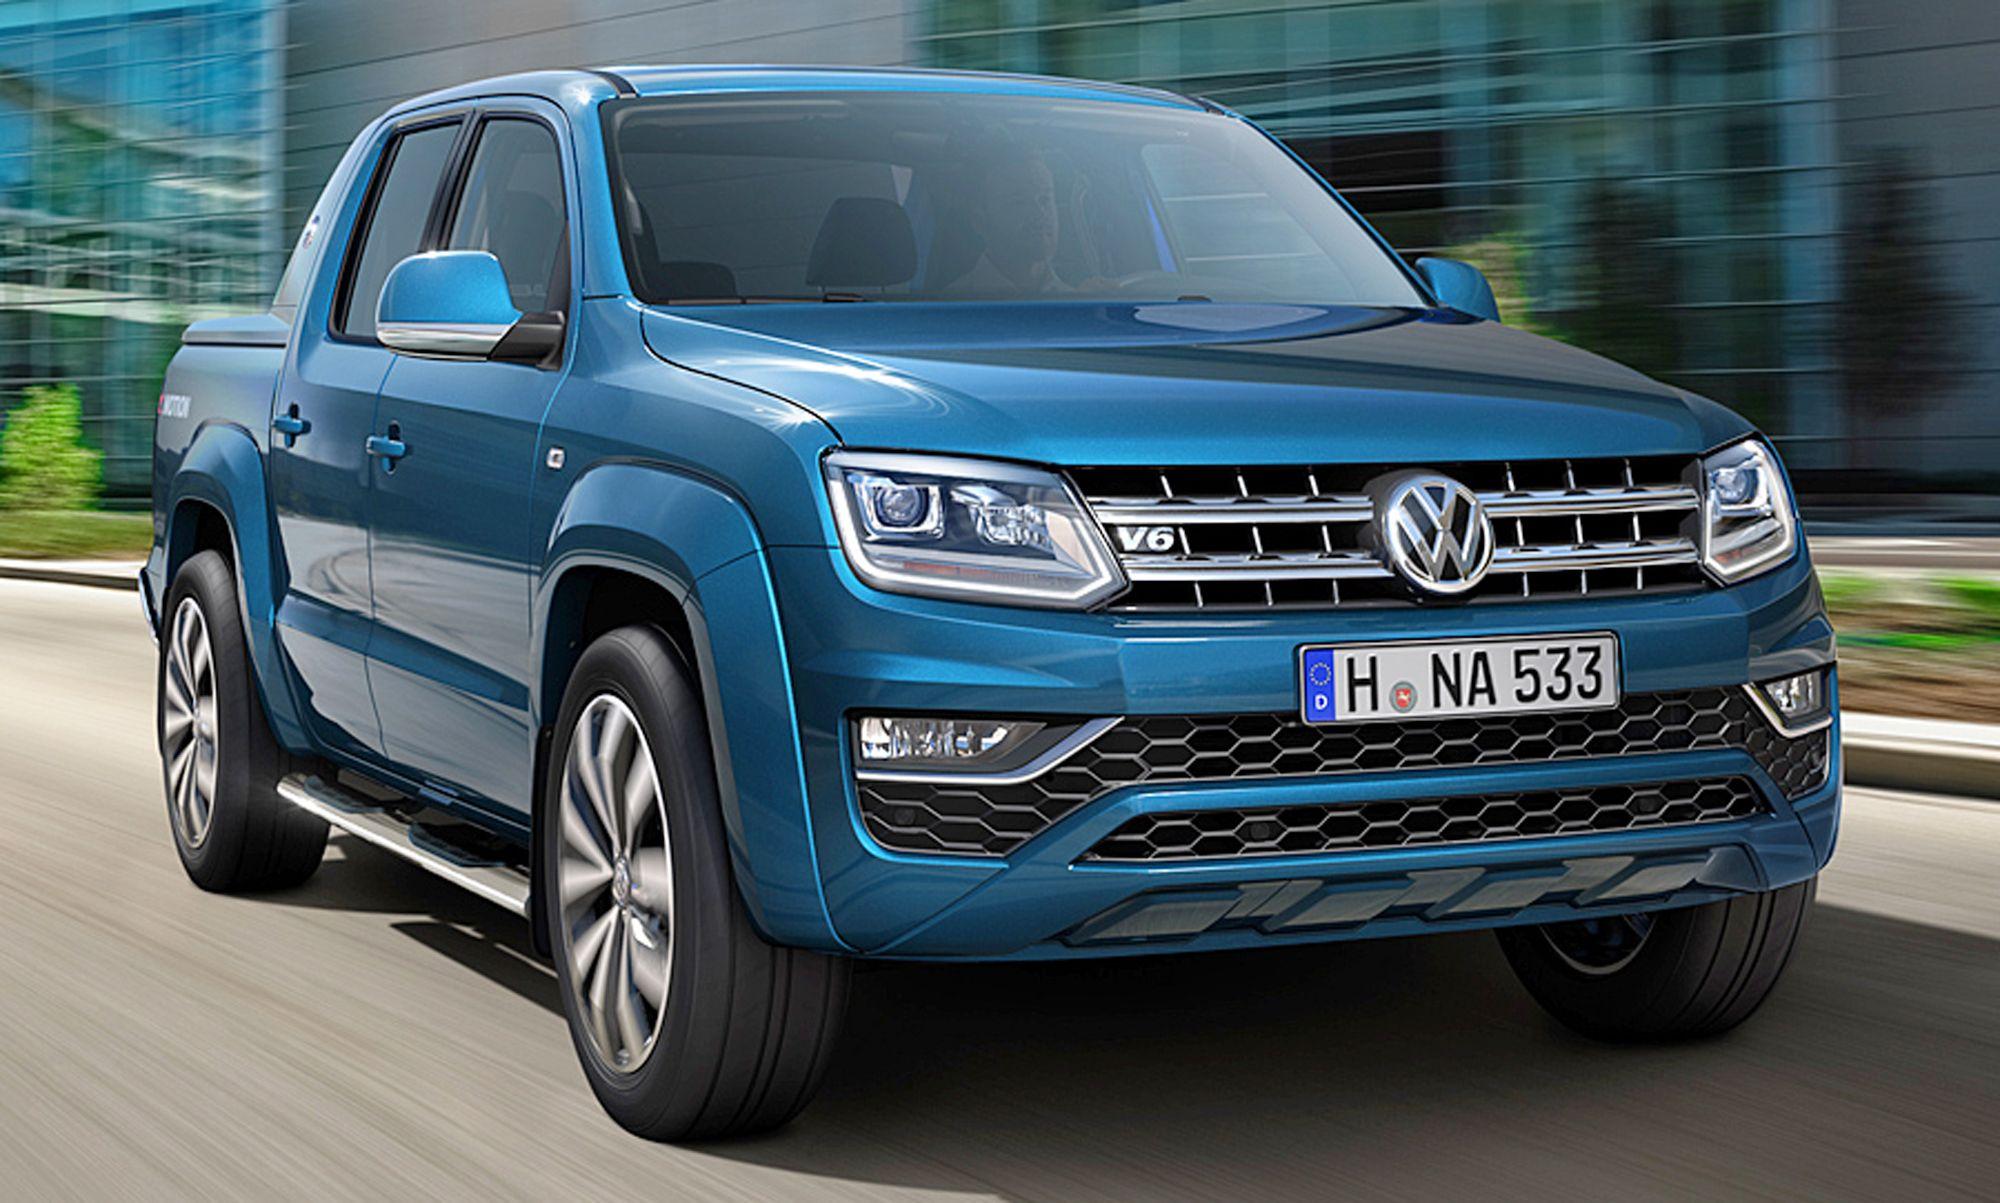 Vw Amarok Facelift 2016 Preis Motor Update Volkswagen Vw Amarok Und Autozeitung